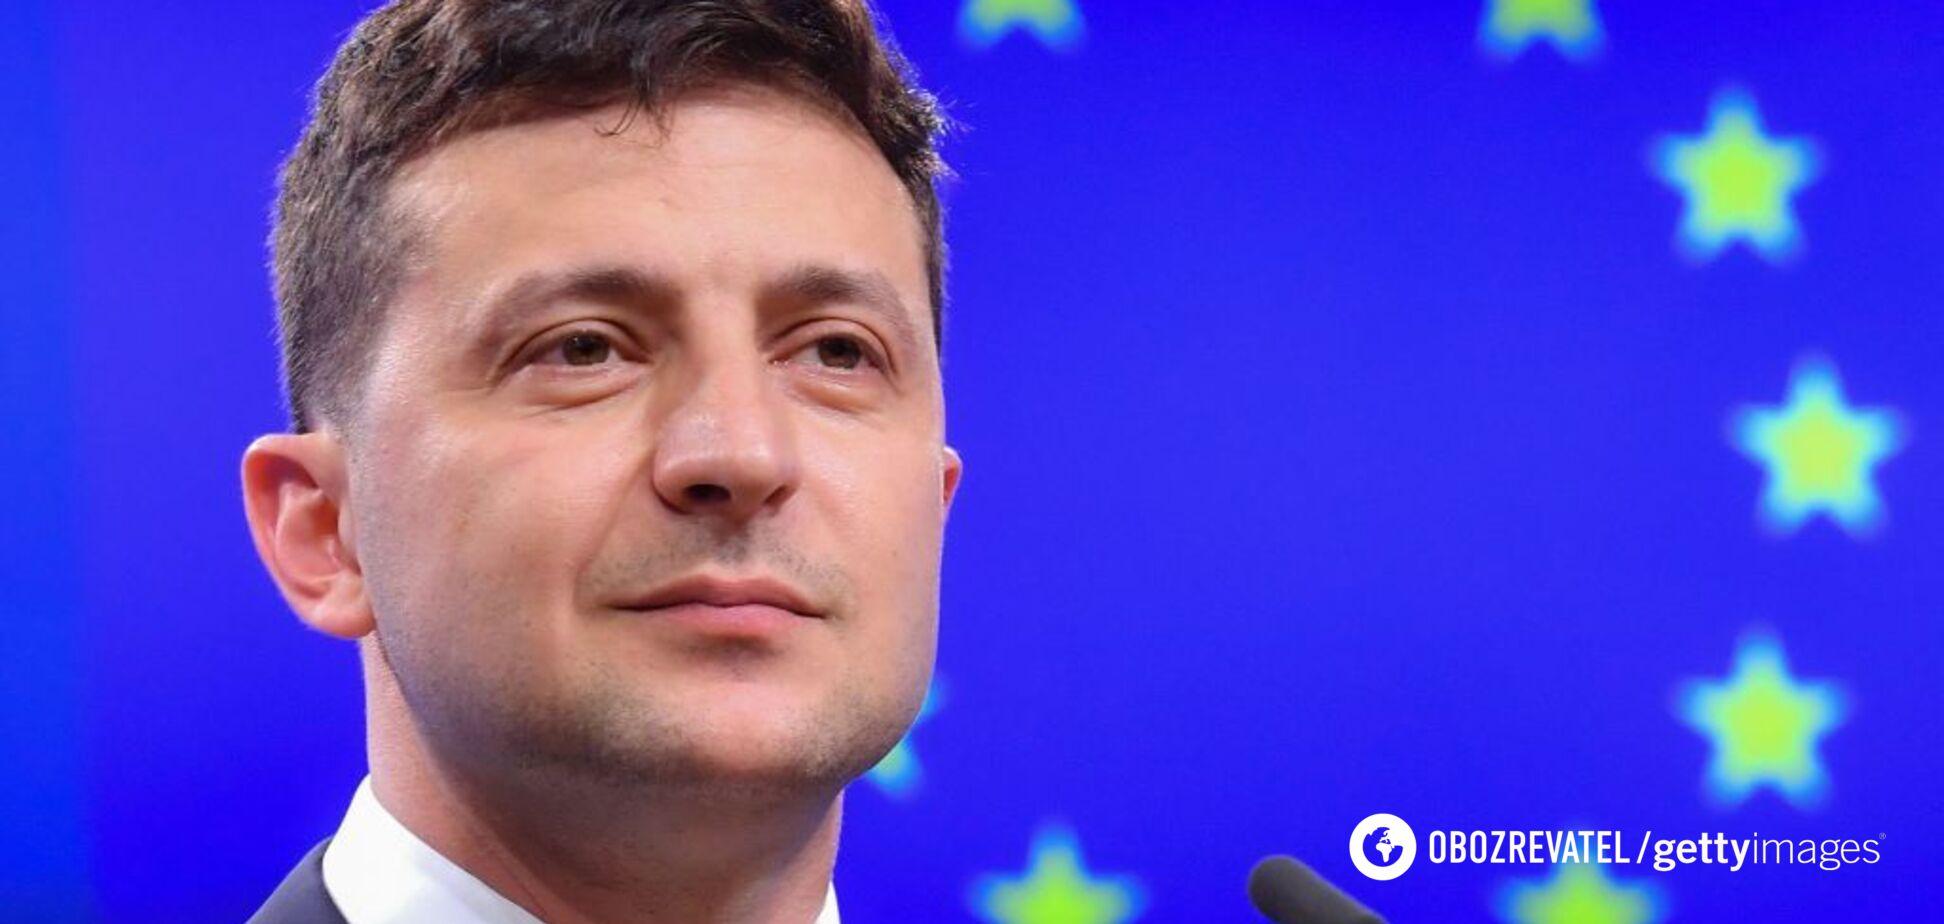 Зеленский о перспективах членства Украины в ЕС и НАТО: наша позиция достаточно проста – мы готовы